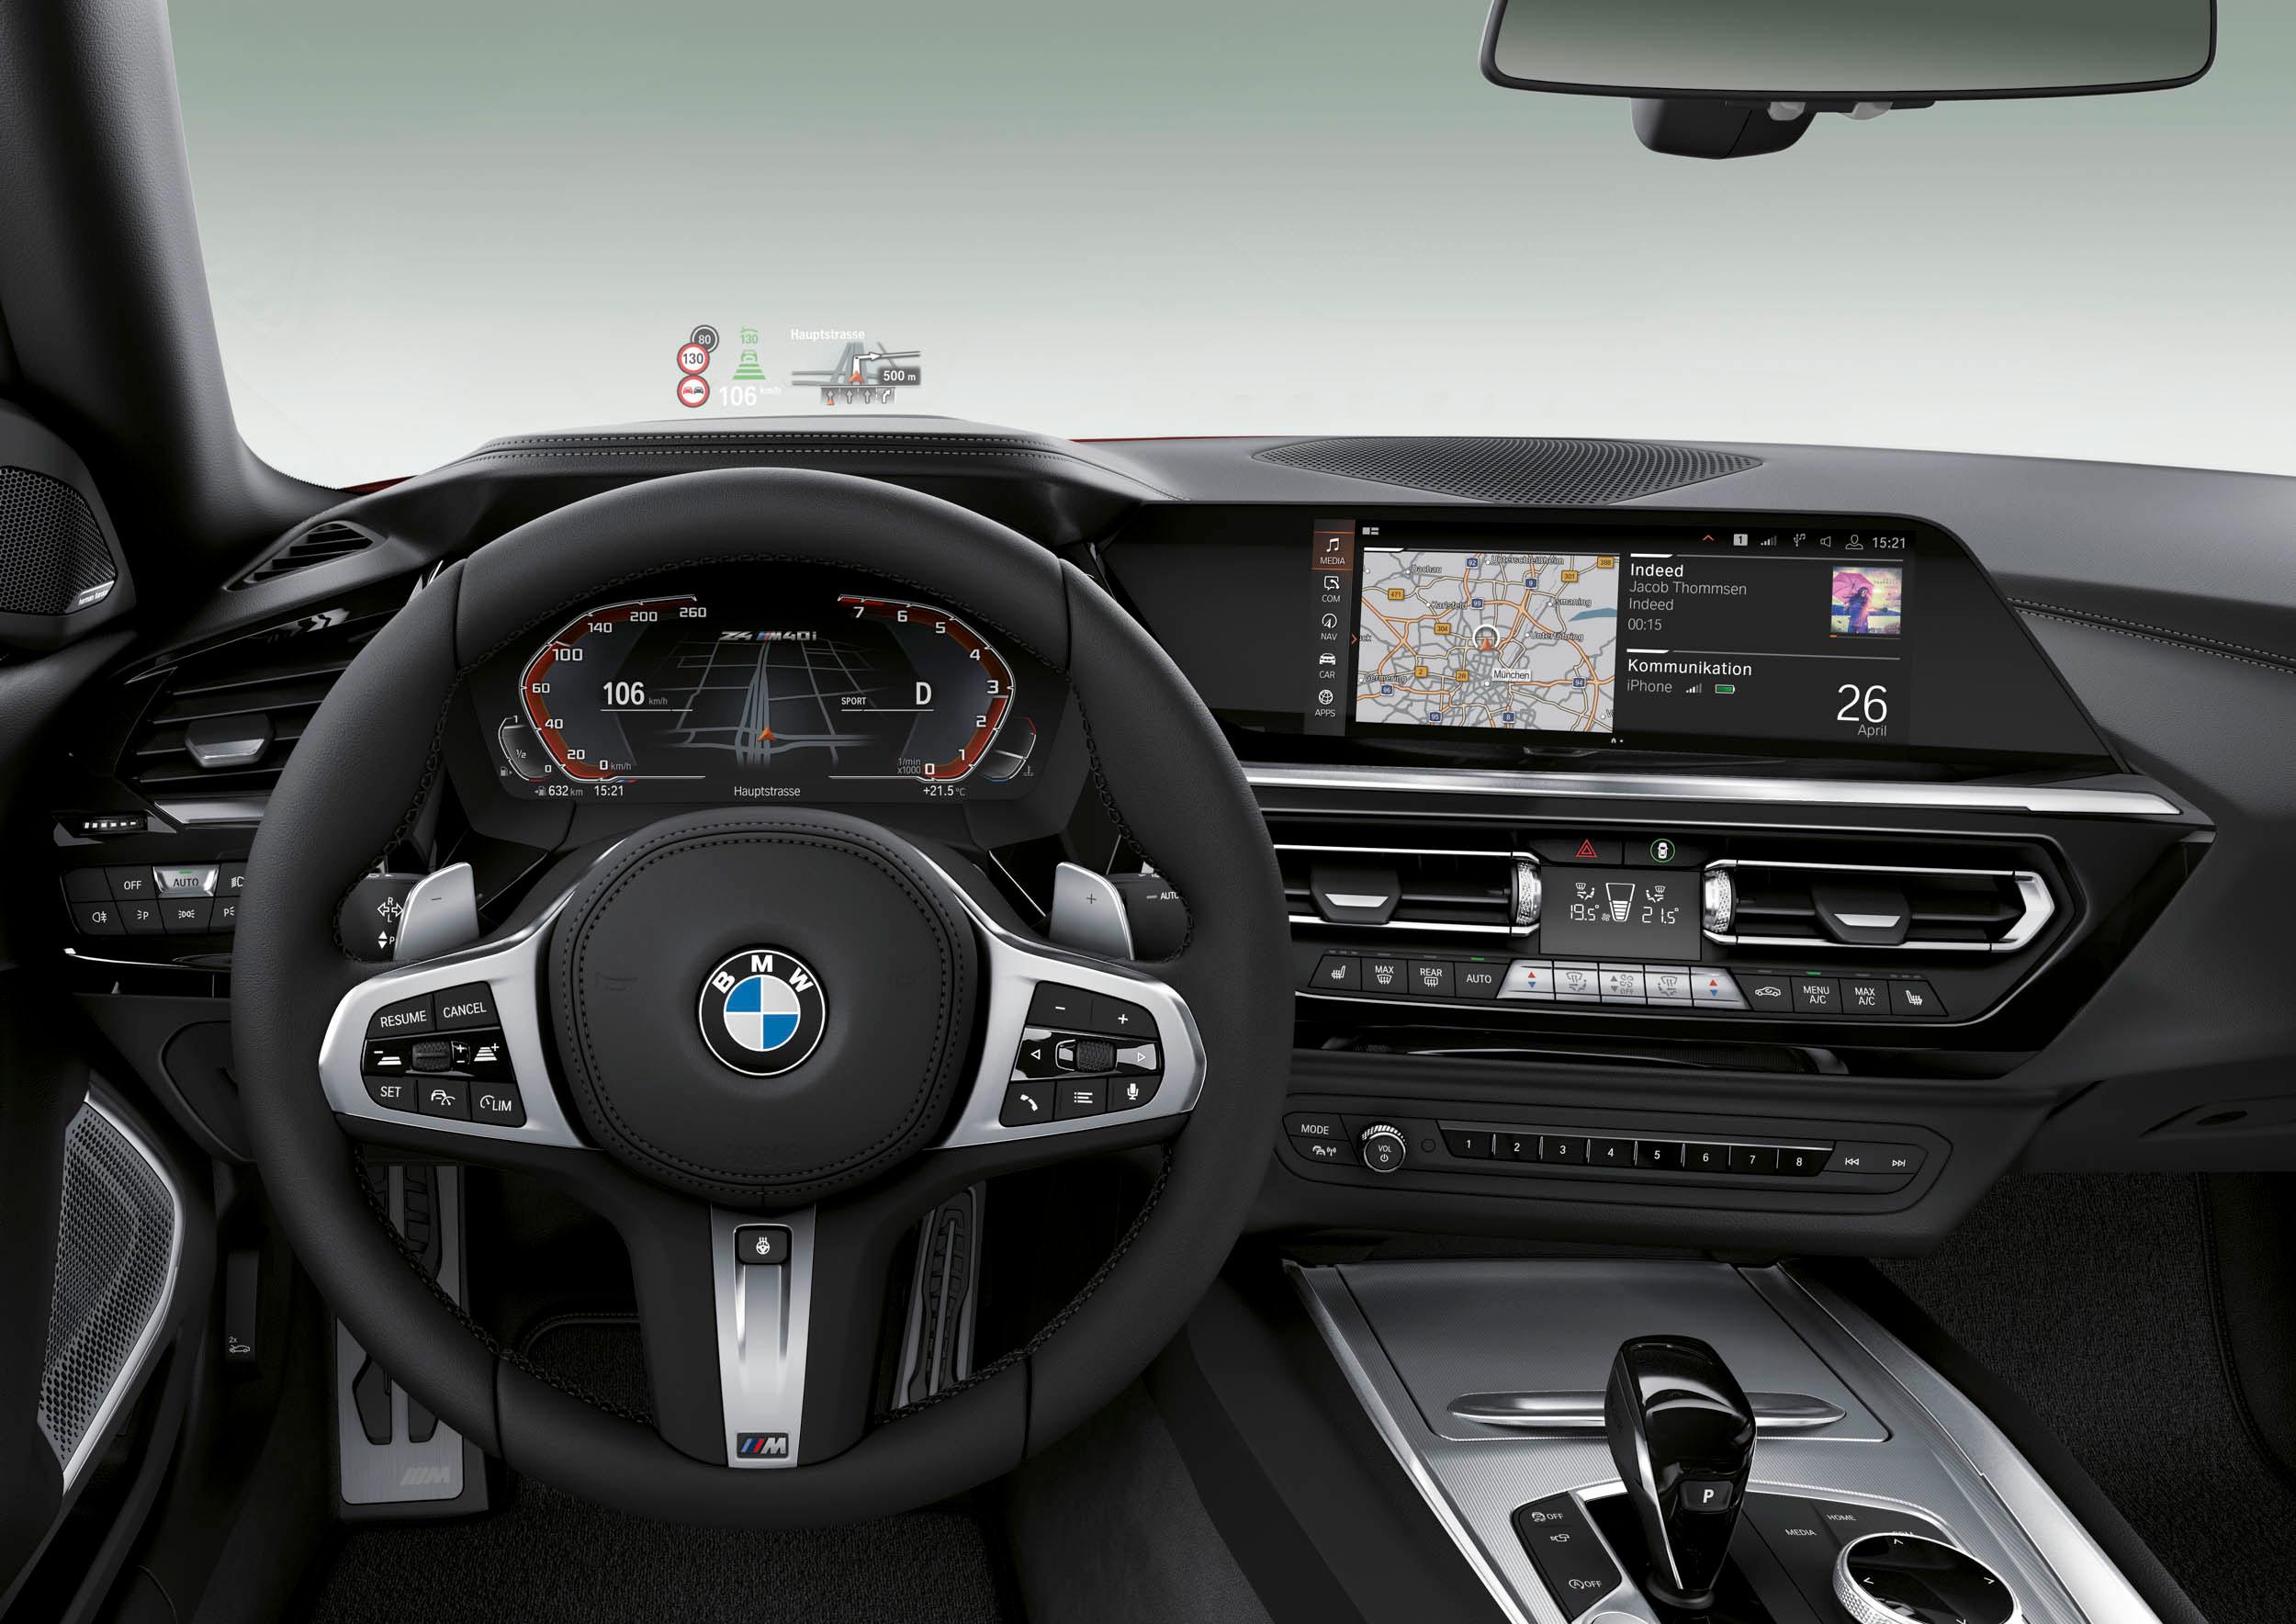 BMW Z4 dash